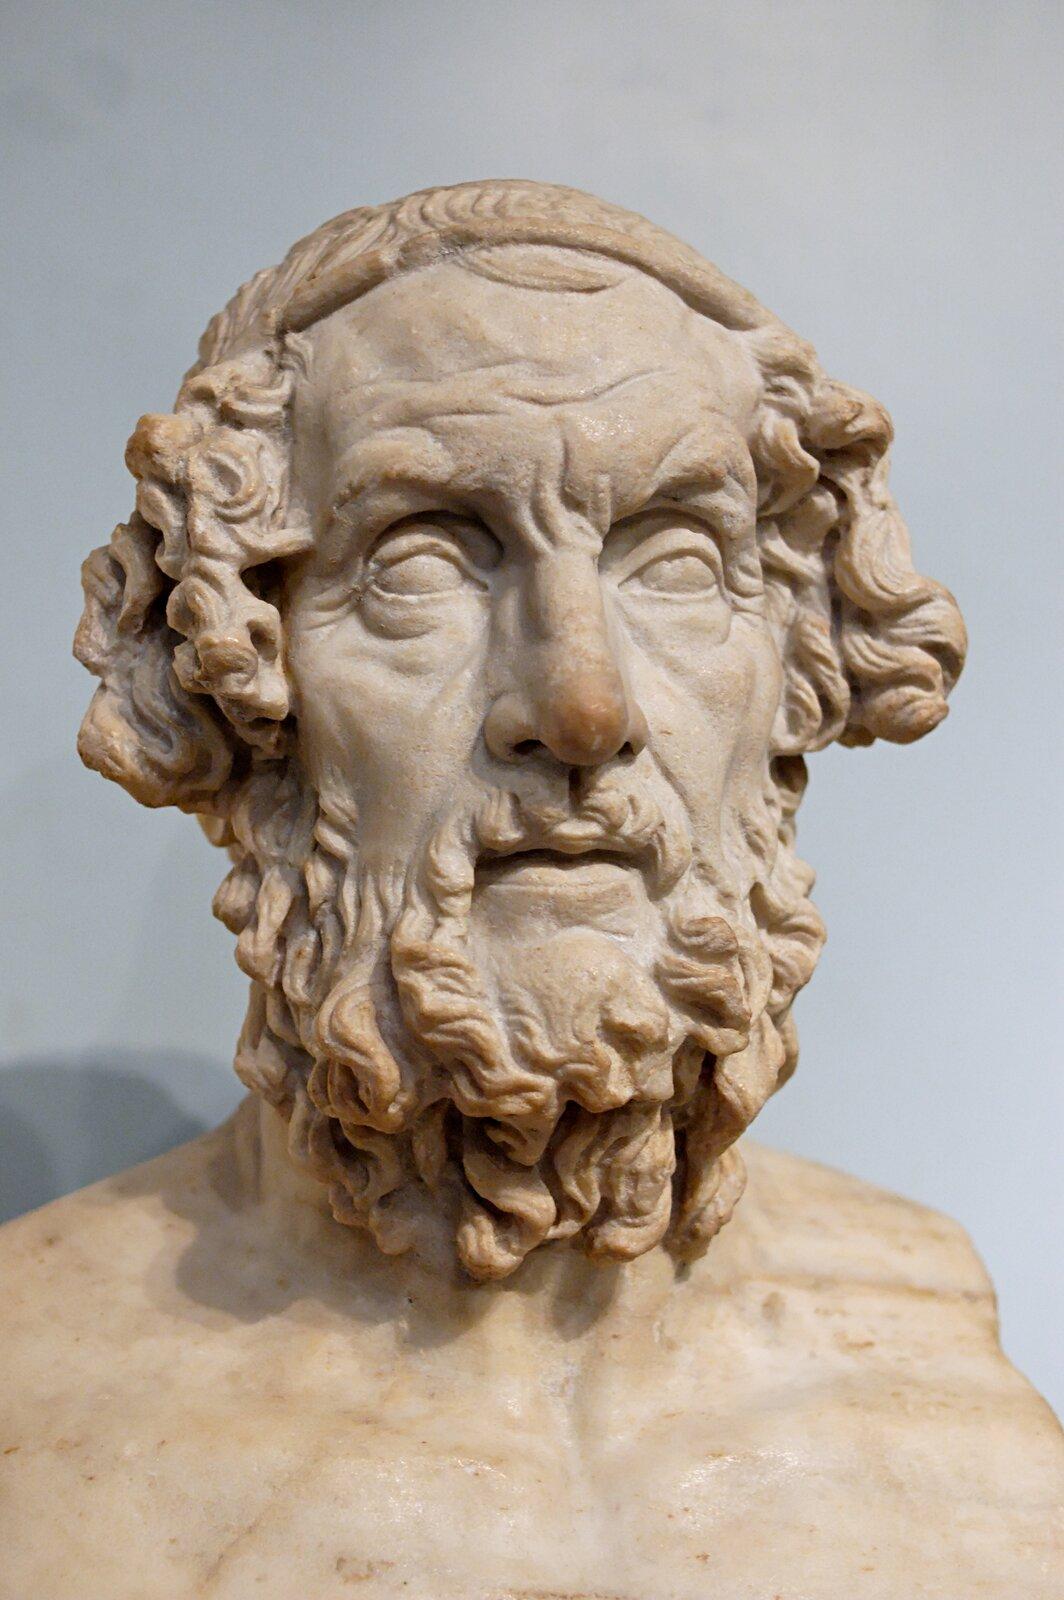 Ilustracja przedstawia popiersie Homera wyrzeźbione wjasnym marmurze. Jest to niemłody już mężczyzna, owyraźnych zmarszczkach na czole iwokół oczu. Przedstawiony jest zbujnym zarostem. Po obu stronach głowy ma kręcone dość długie włosy, gładko przyczesane na czubku głowy.